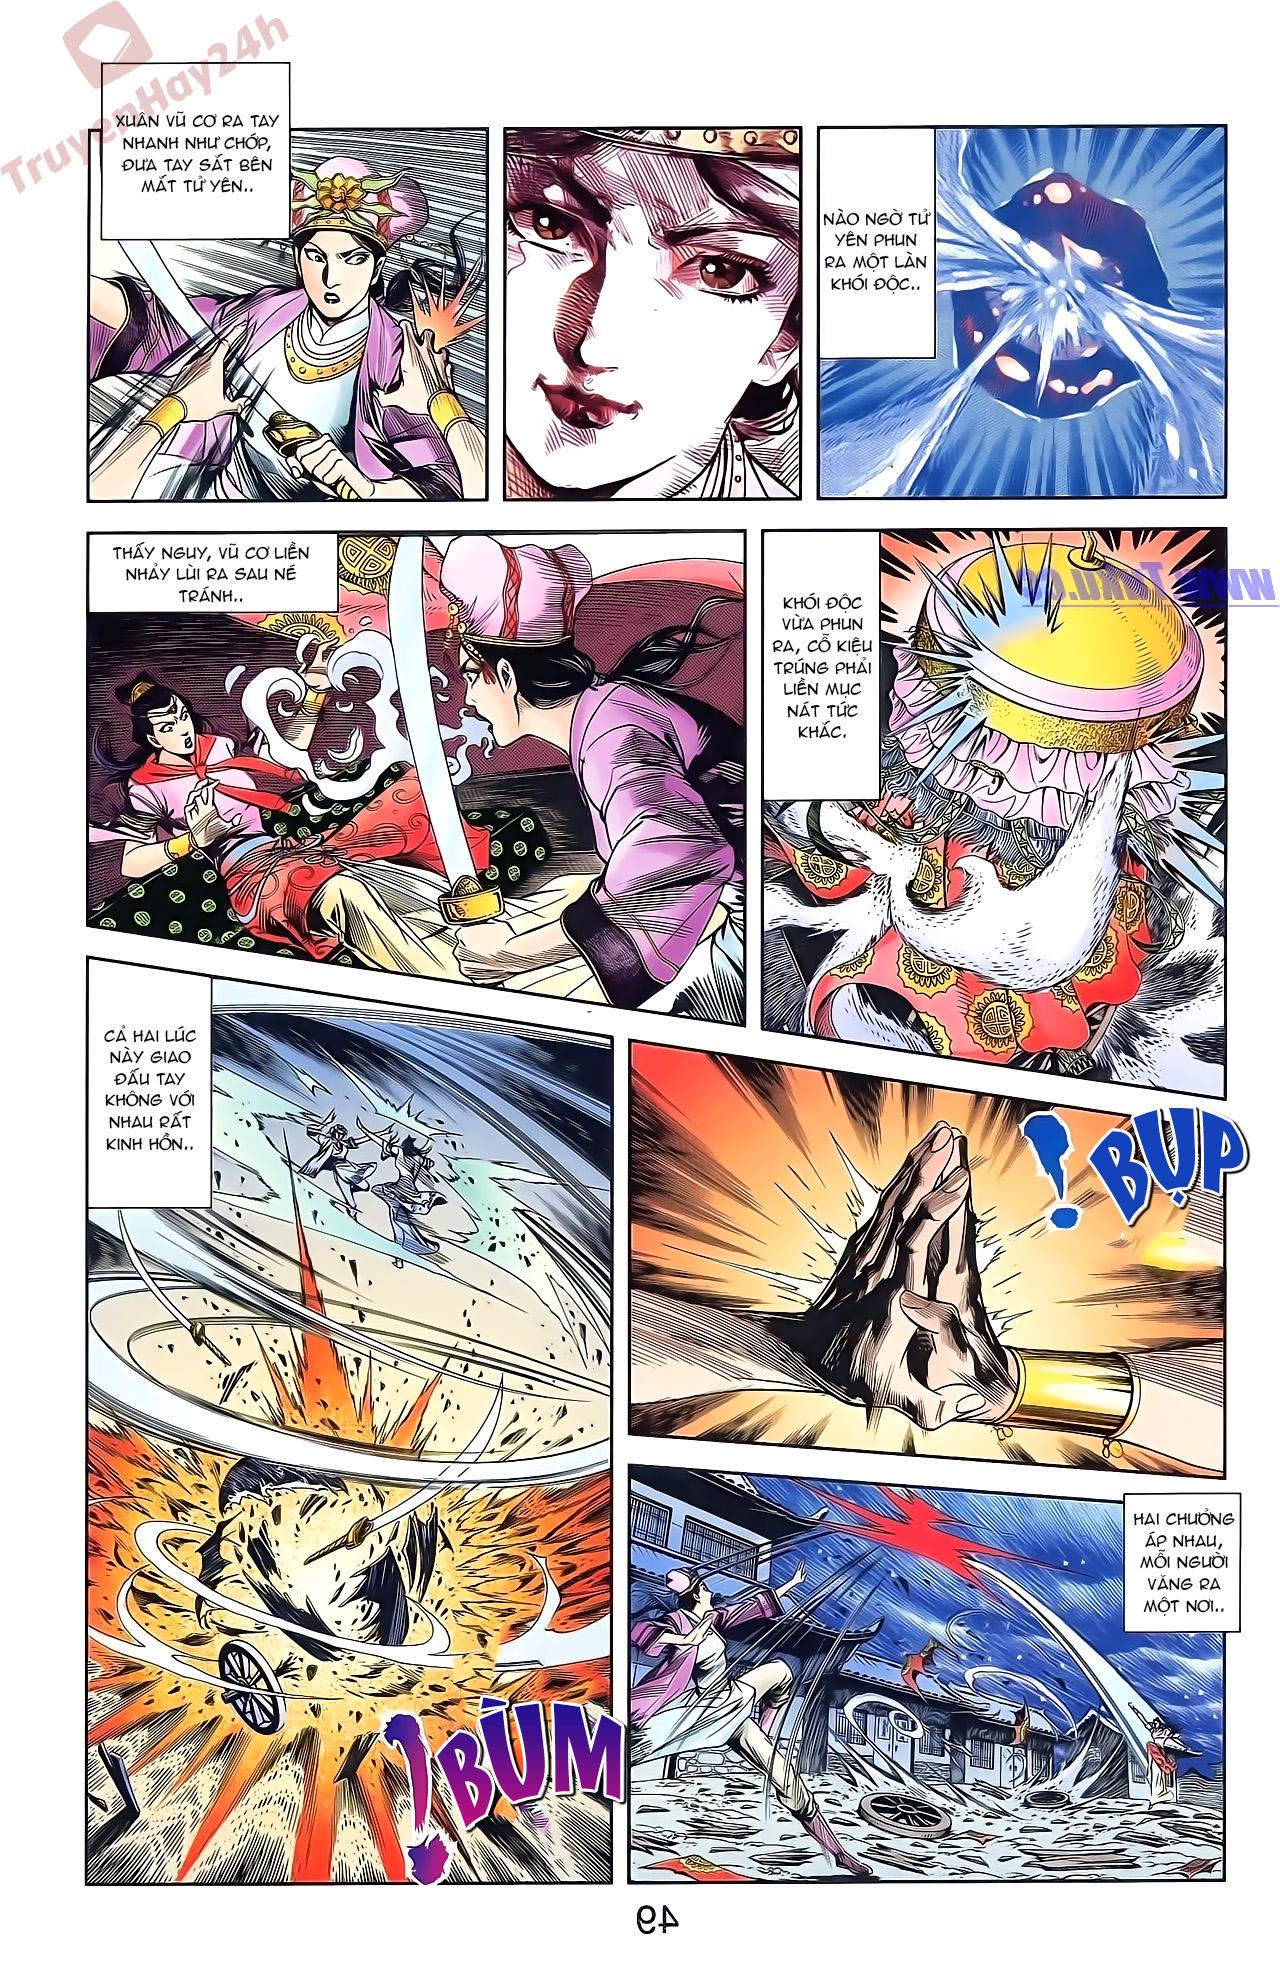 Tần Vương Doanh Chính chapter 51 trang 16